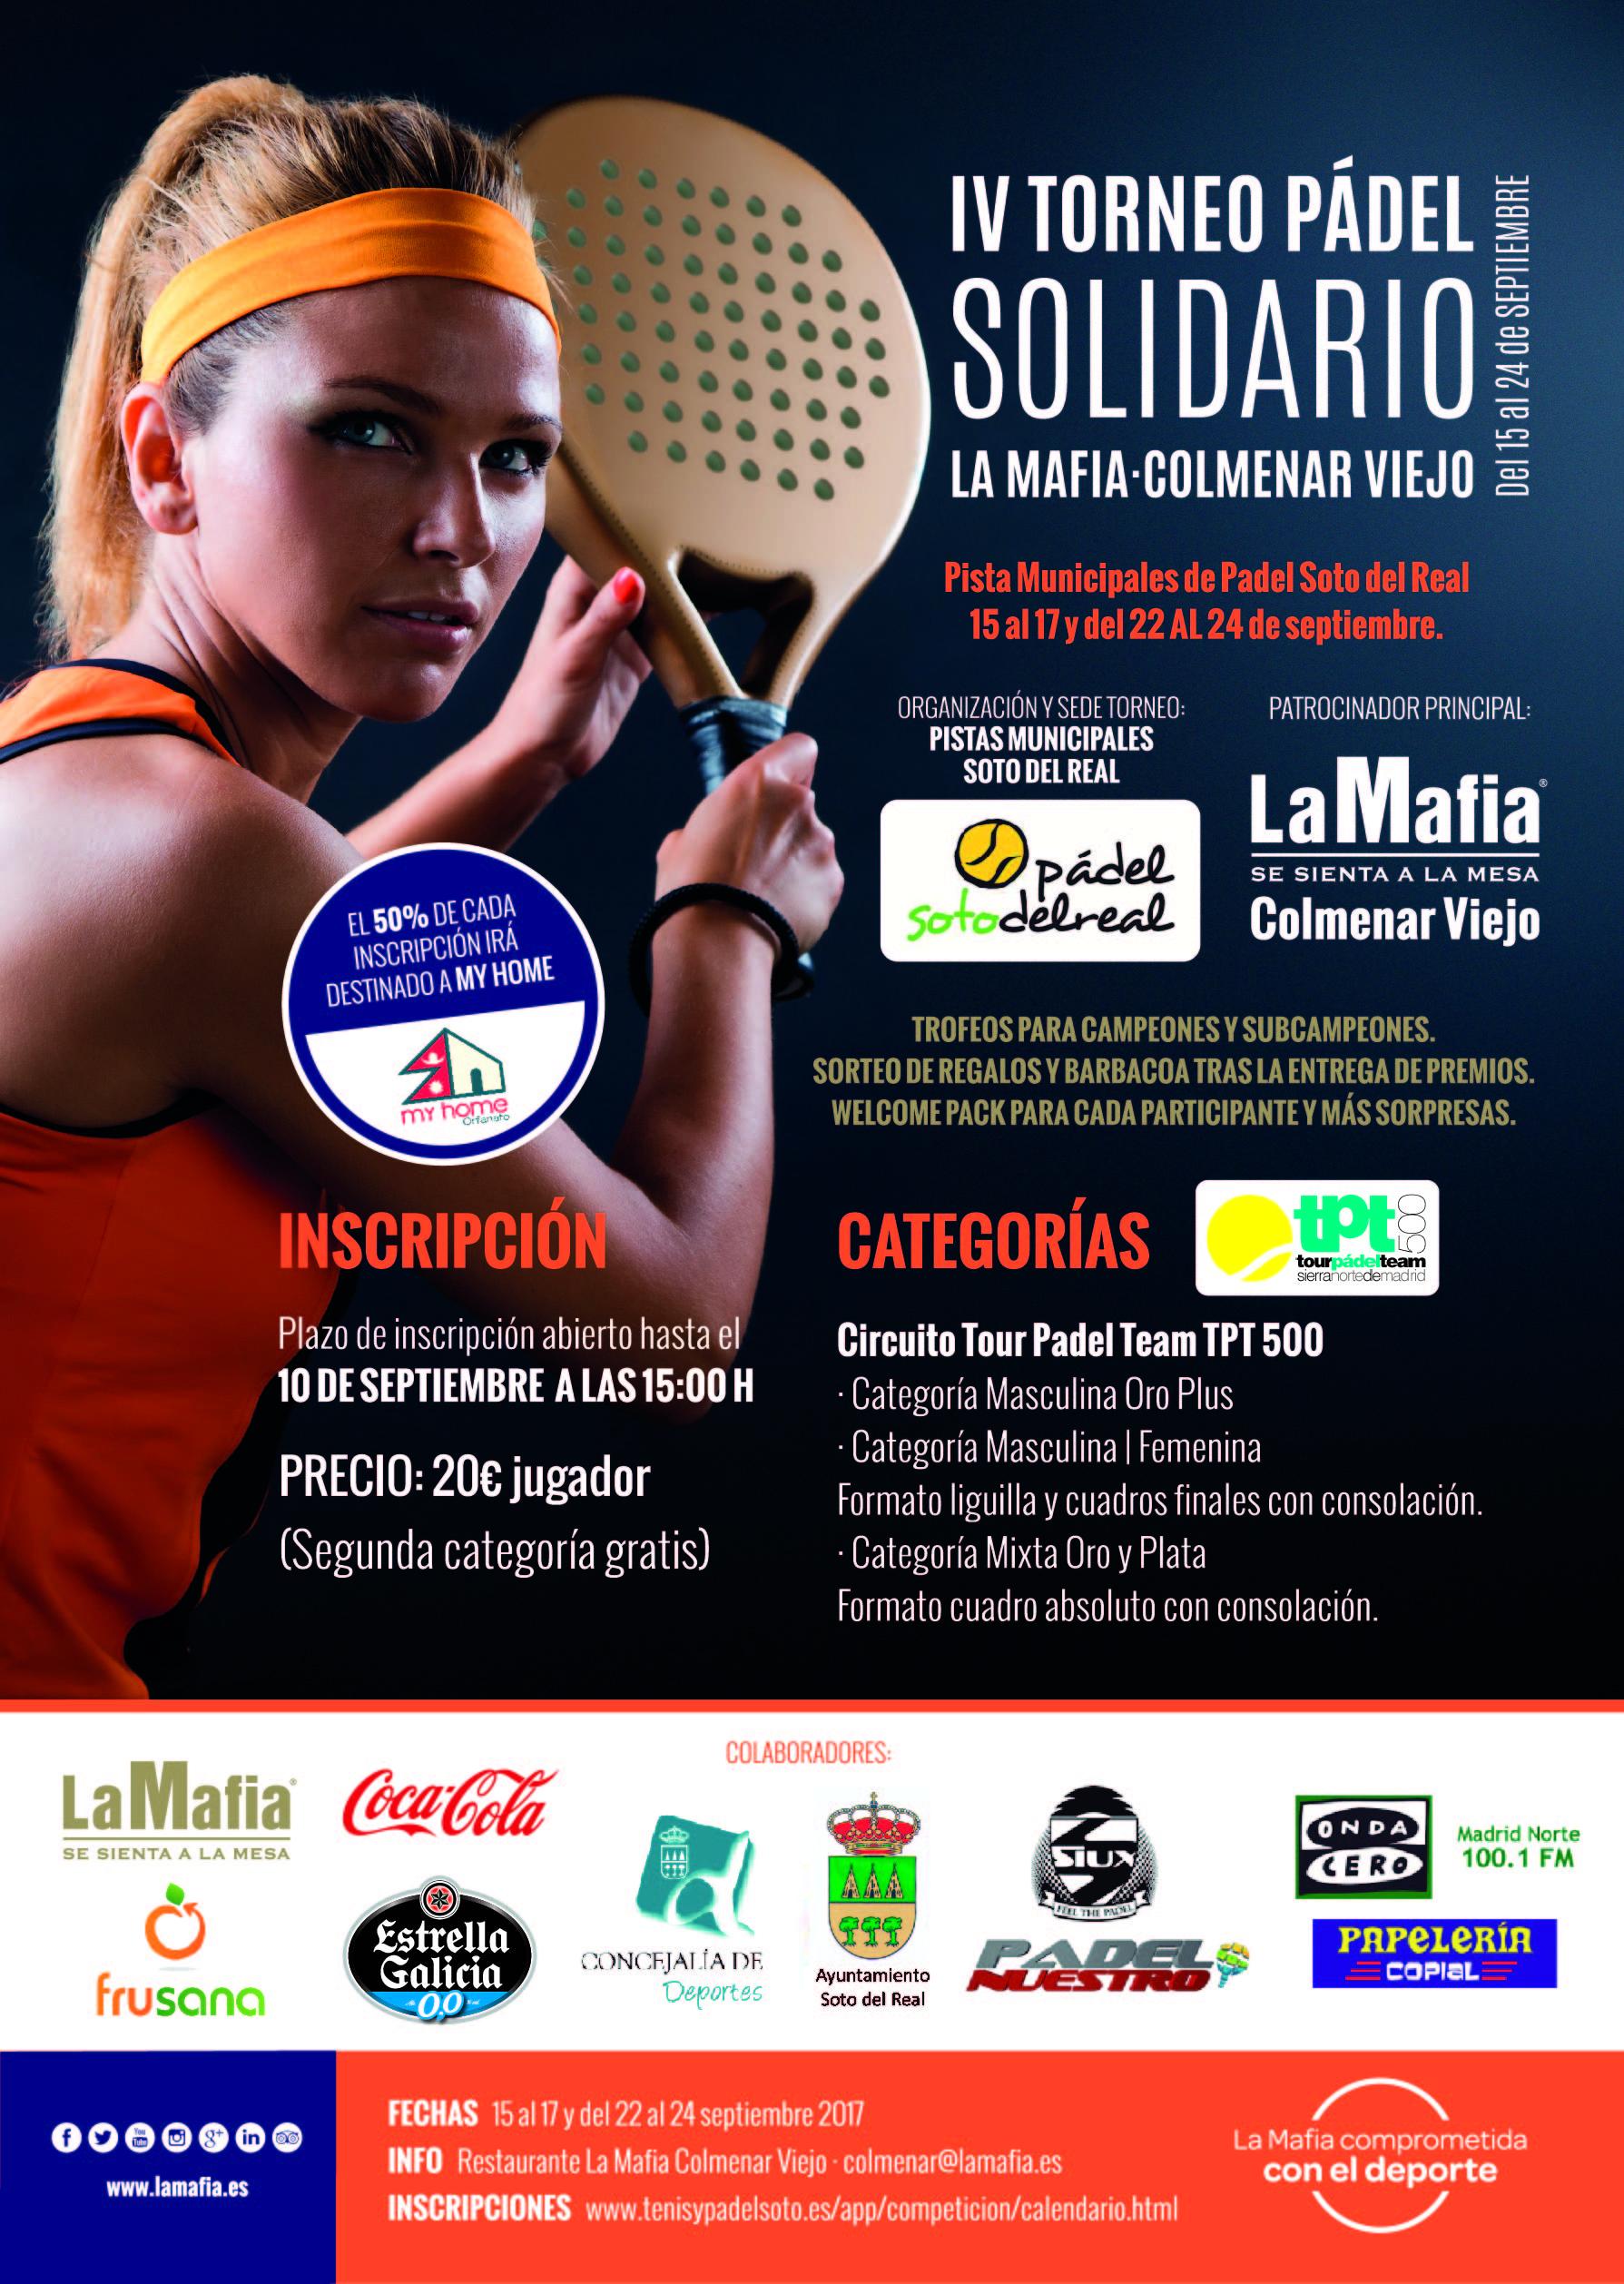 Cartel Torneo Padel Colmenar 2017 - La Mafia se sienta a la mesa más solidaria. Actividades RSC deporte